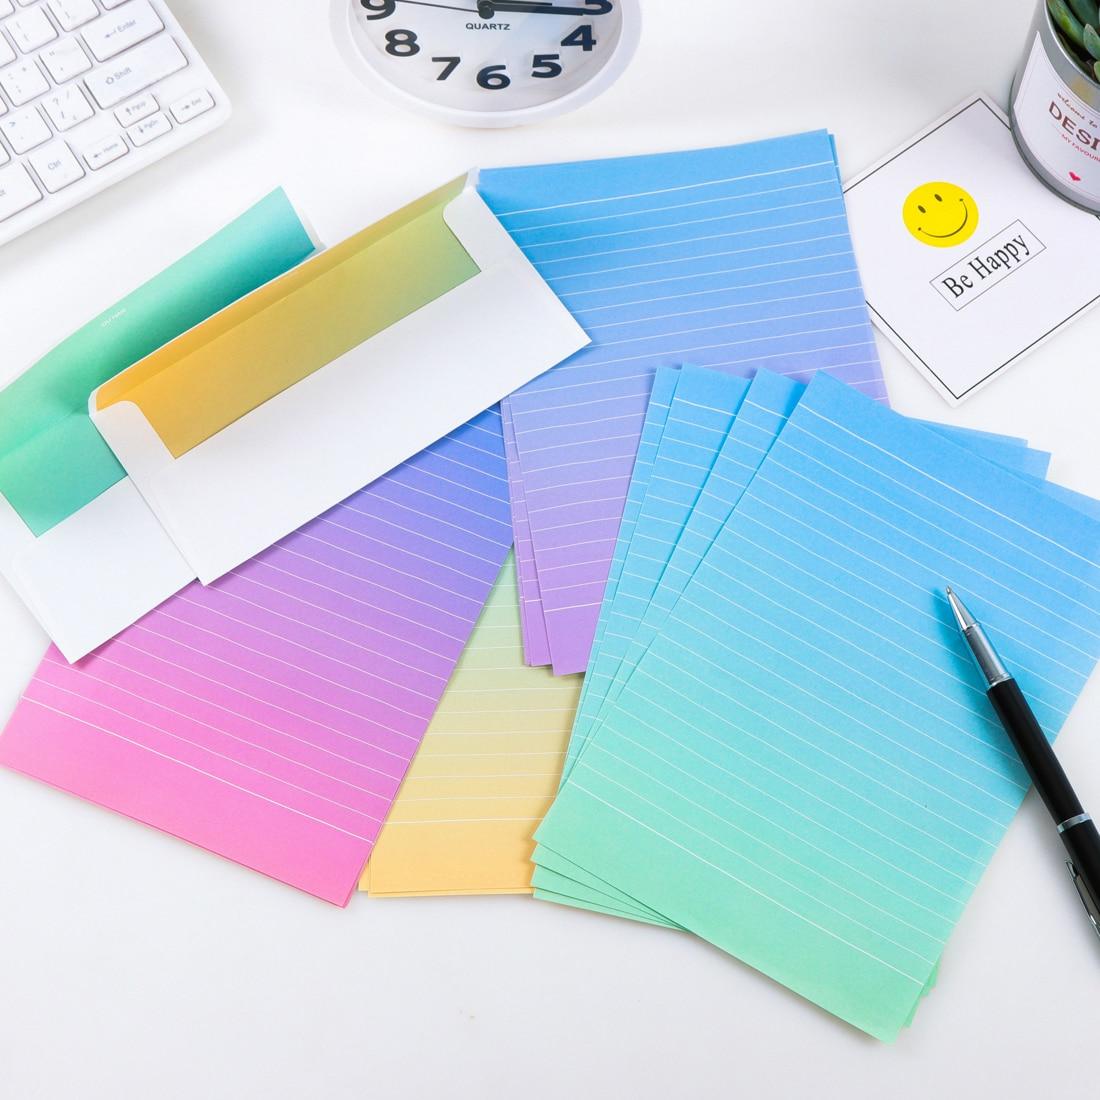 Градиентные конверты, милый набор бумажных букв в виде цветов каваи для детей, школьные принадлежности, школьные принадлежности для студентов